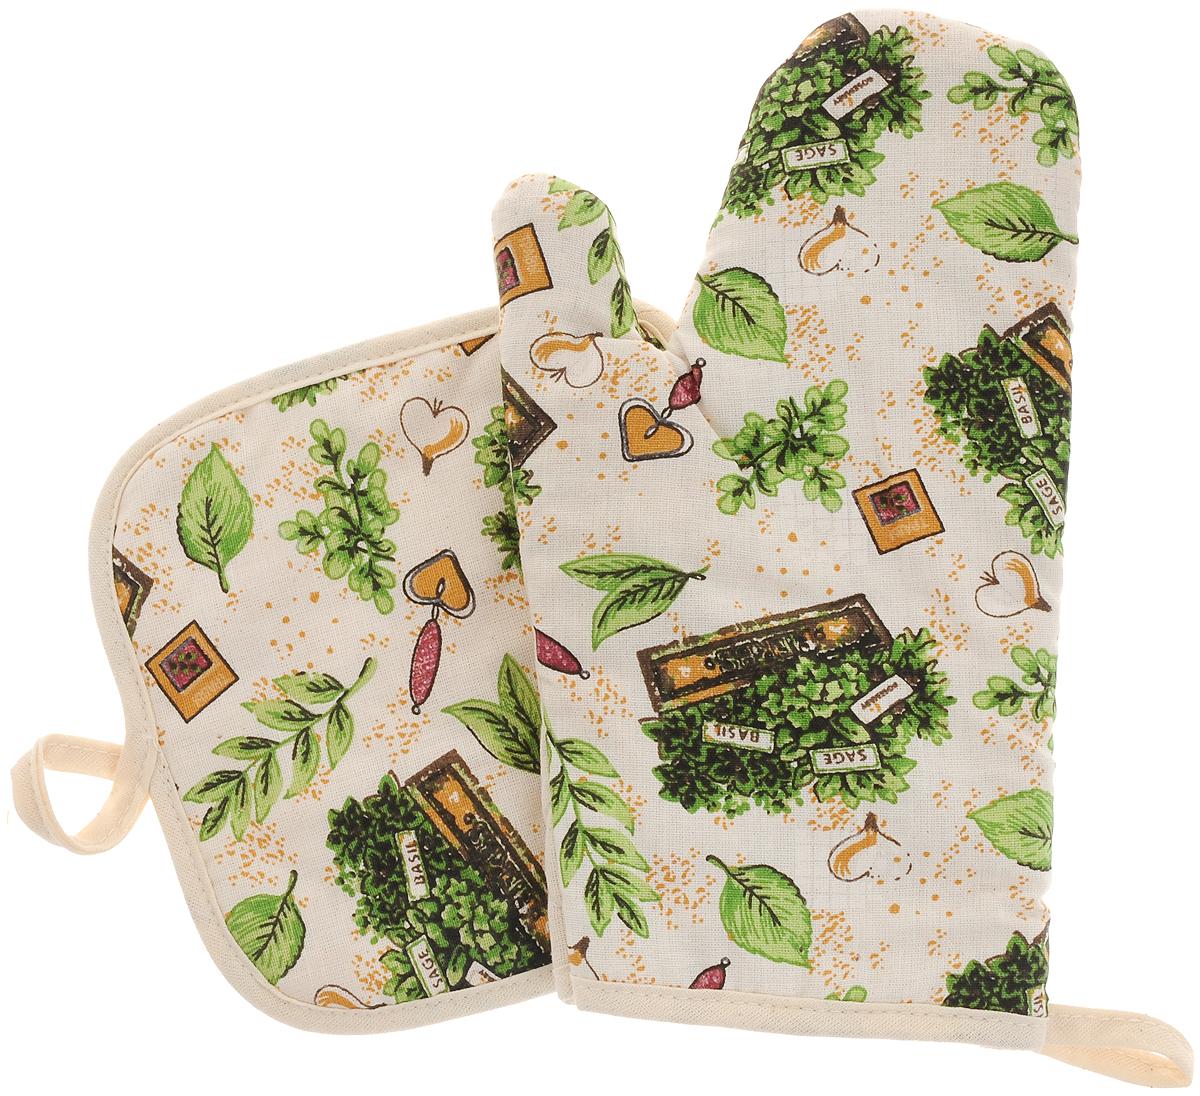 Набор прихваток Bonita Травы, 2 предмета790009Набор Bonita Травы состоит из прихватки-рукавицы и квадратной прихватки. Изделия выполнены из натурального хлопка и декорированы оригинальным рисунком. Прихватки простеганы, а края окантованы. Оснащены специальными петельками, за которые их можно подвесить на крючок в любом удобном для вас месте. Такой набор красиво дополнит интерьер кухни. Размер прихватки-рукавицы: 16 х 28 см.Размер прихватки: 17 х 17 см.